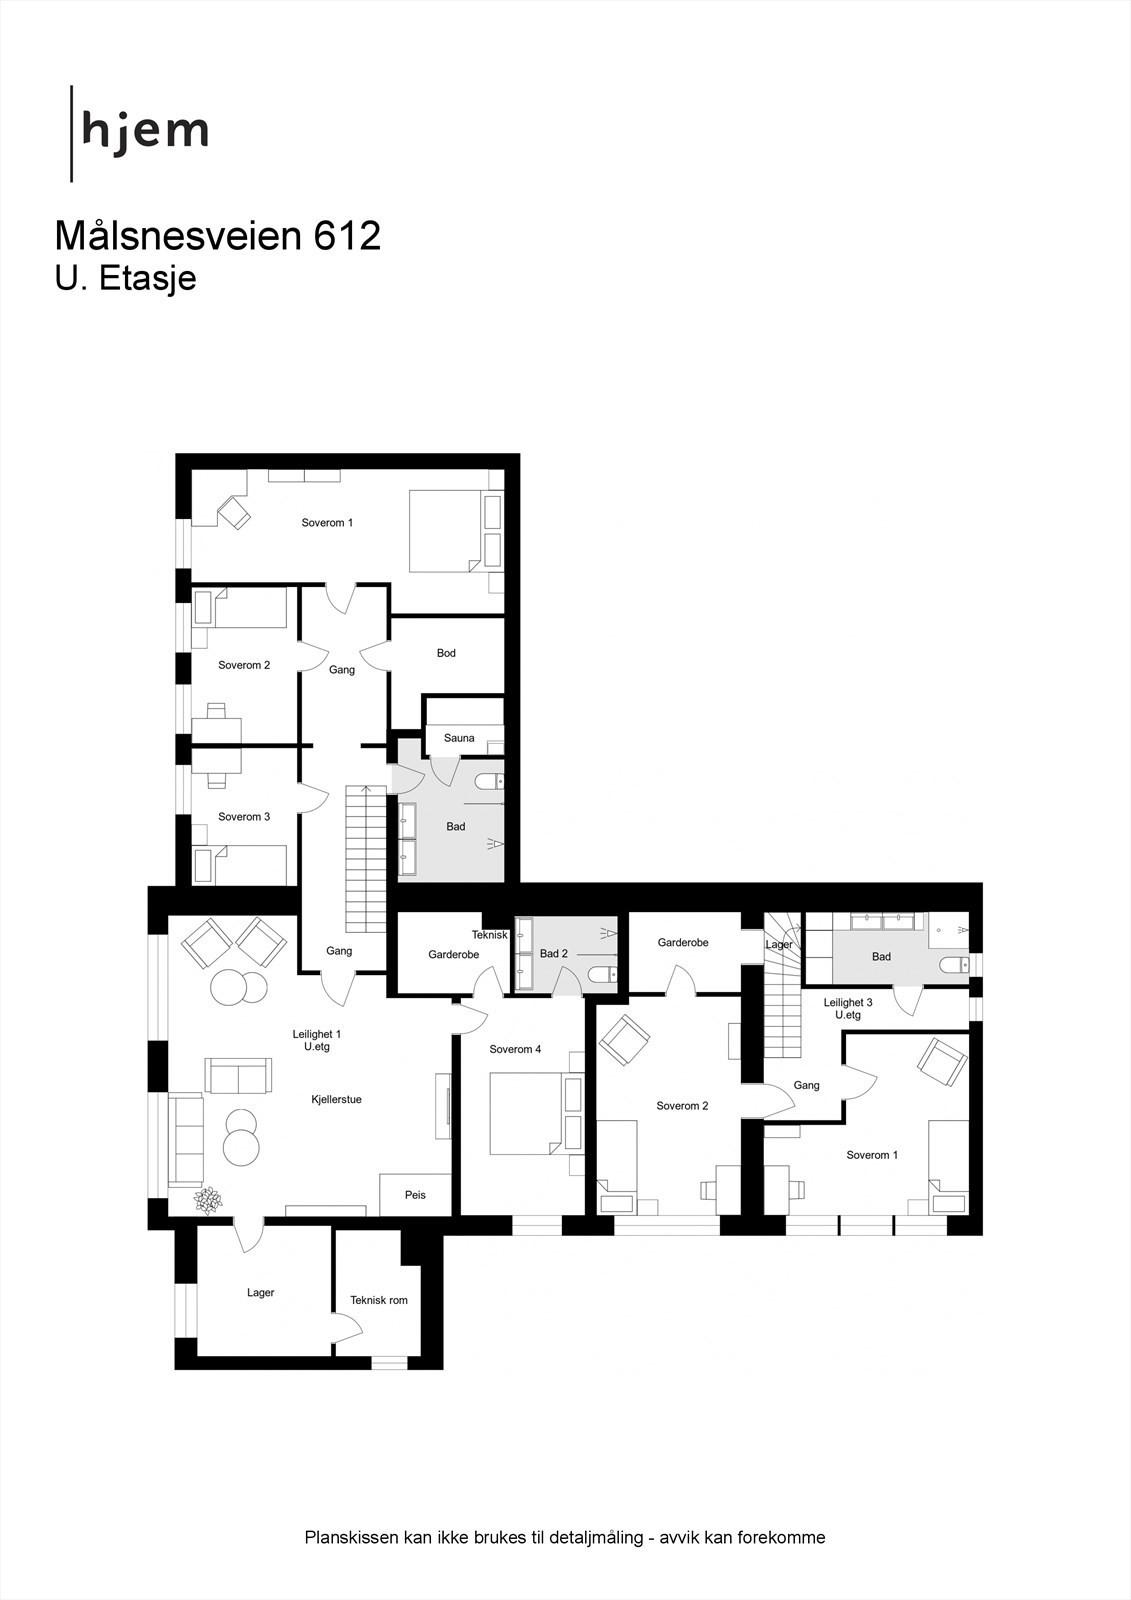 Målsnesveien 612 - 2D - alternativ løsning med 3 leiligheter